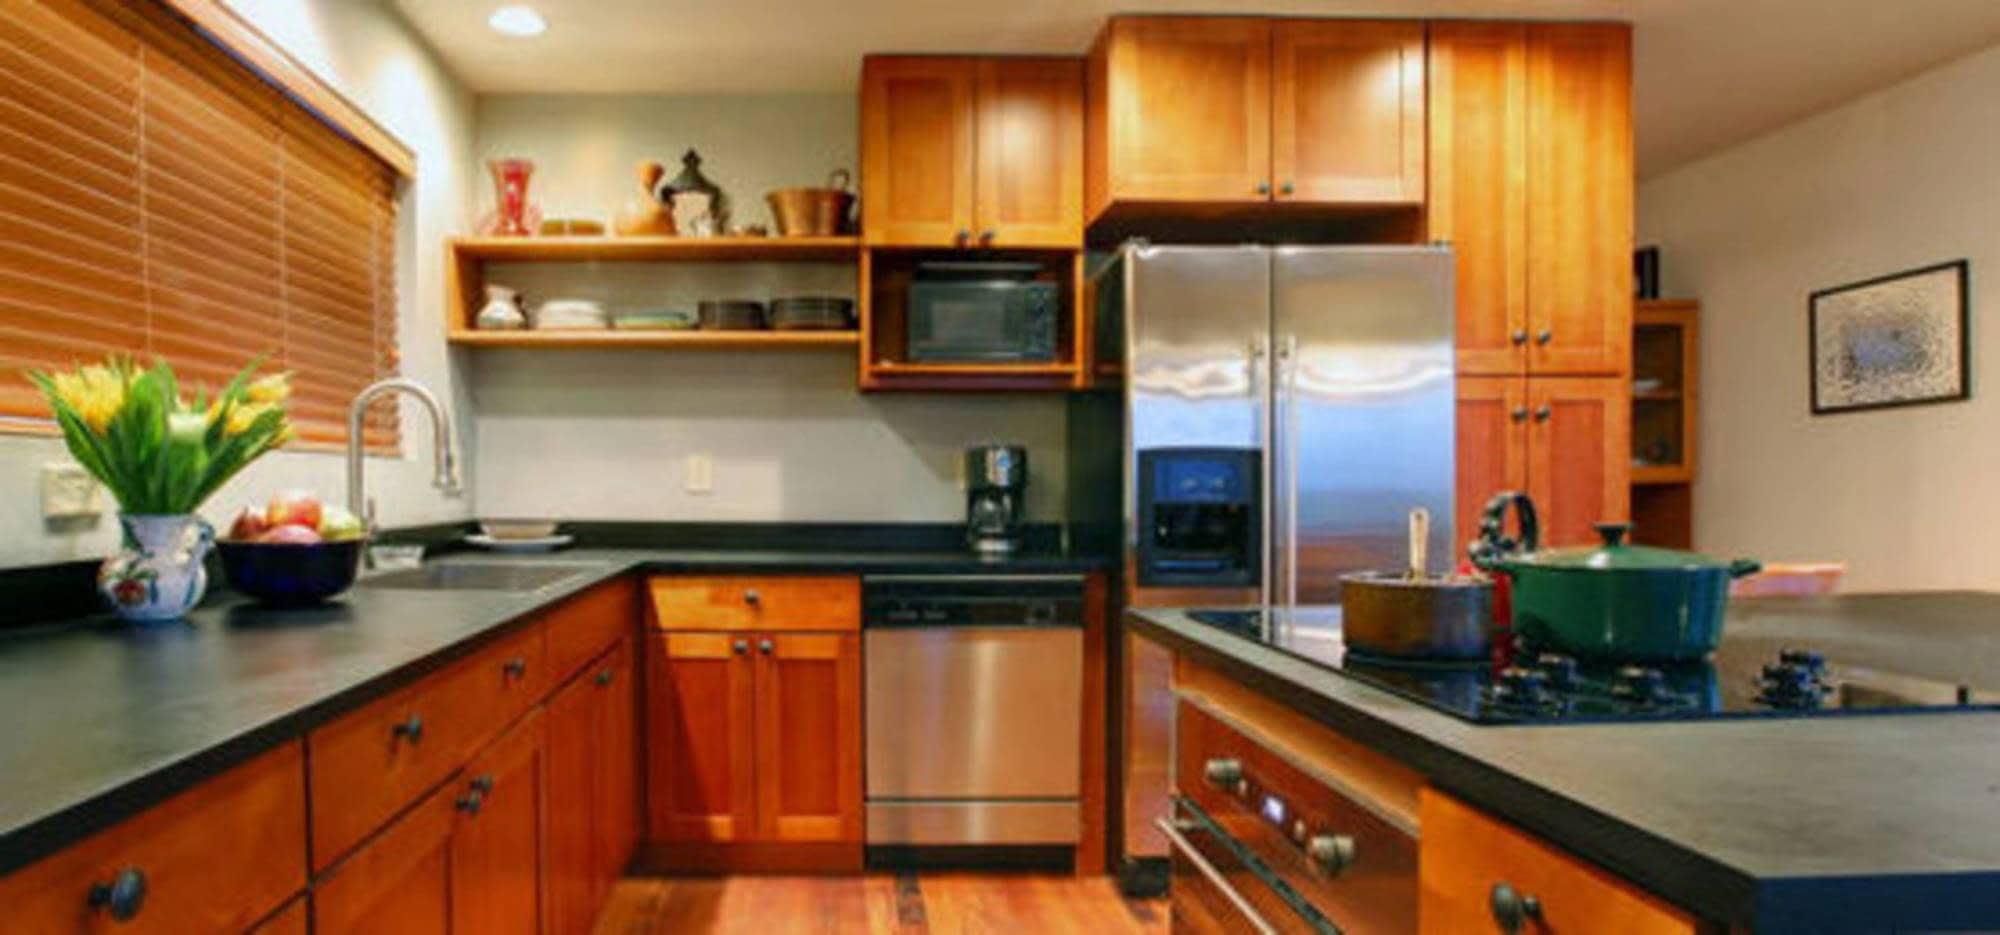 Muebles cocina | puertas,Muebles,armarios a medida en ...